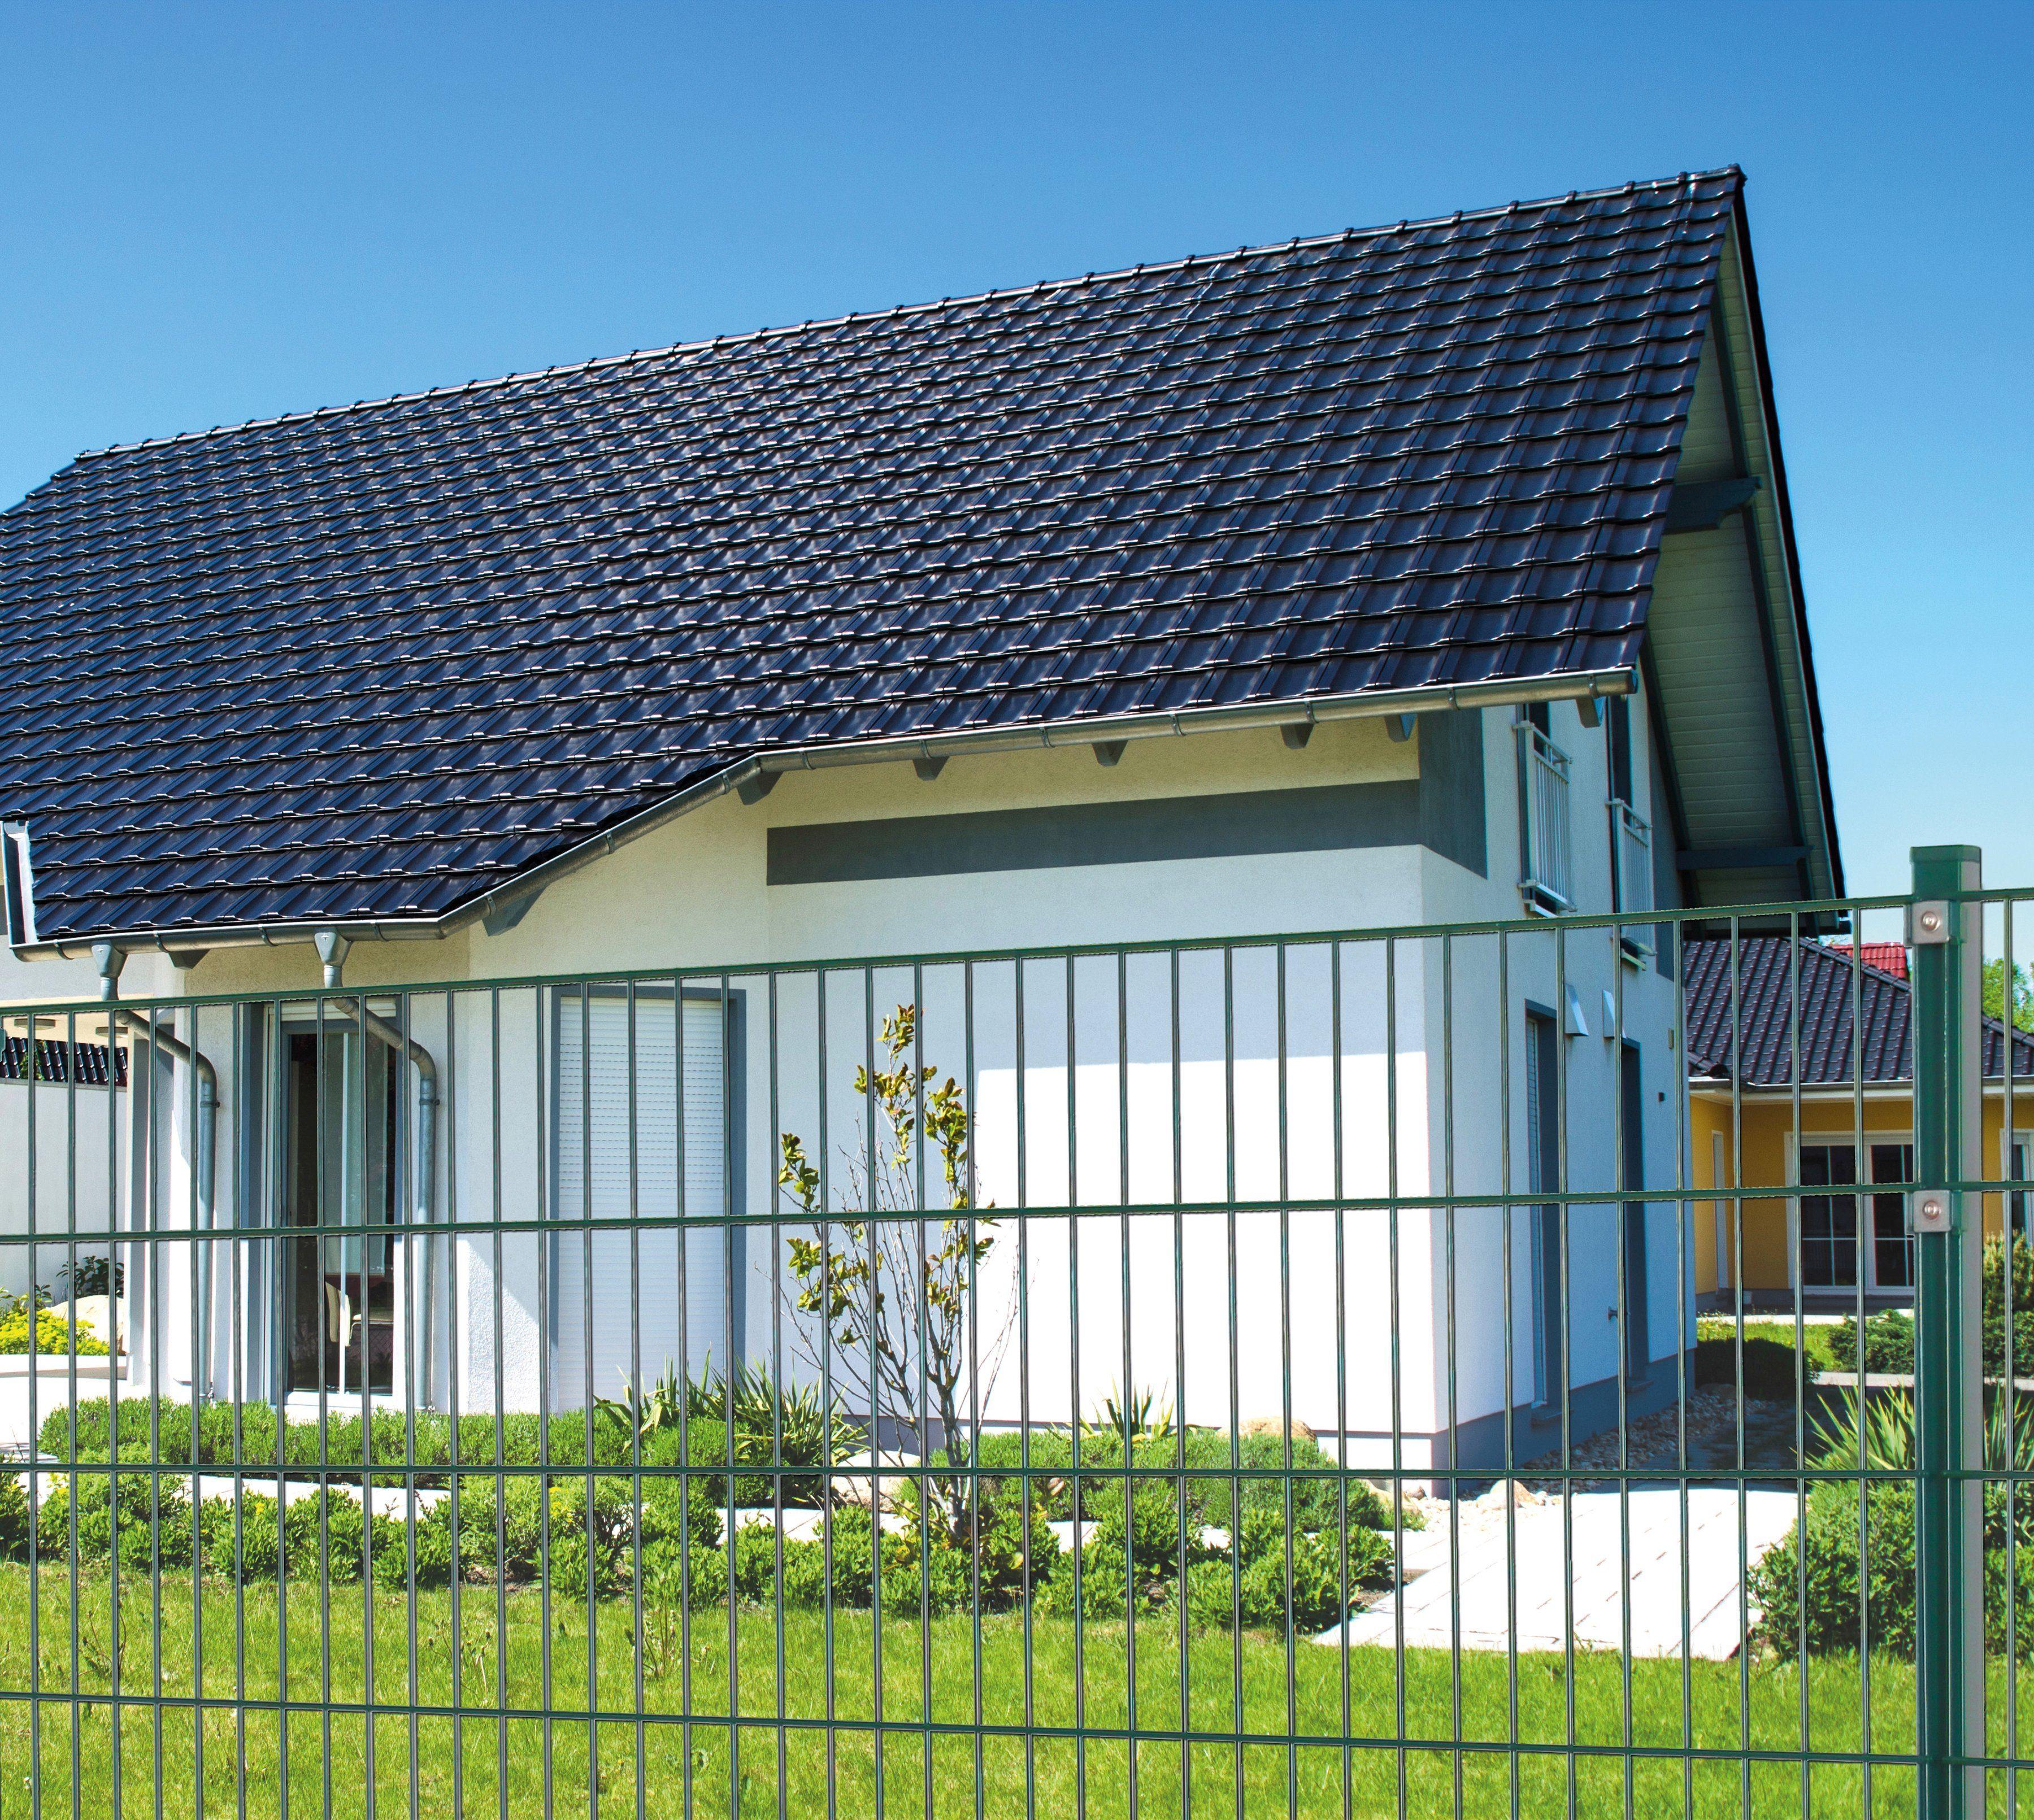 PEDDY SHIELD Einstabmattenzaun , Anbauset, BxH: 2x0,75 m, grün